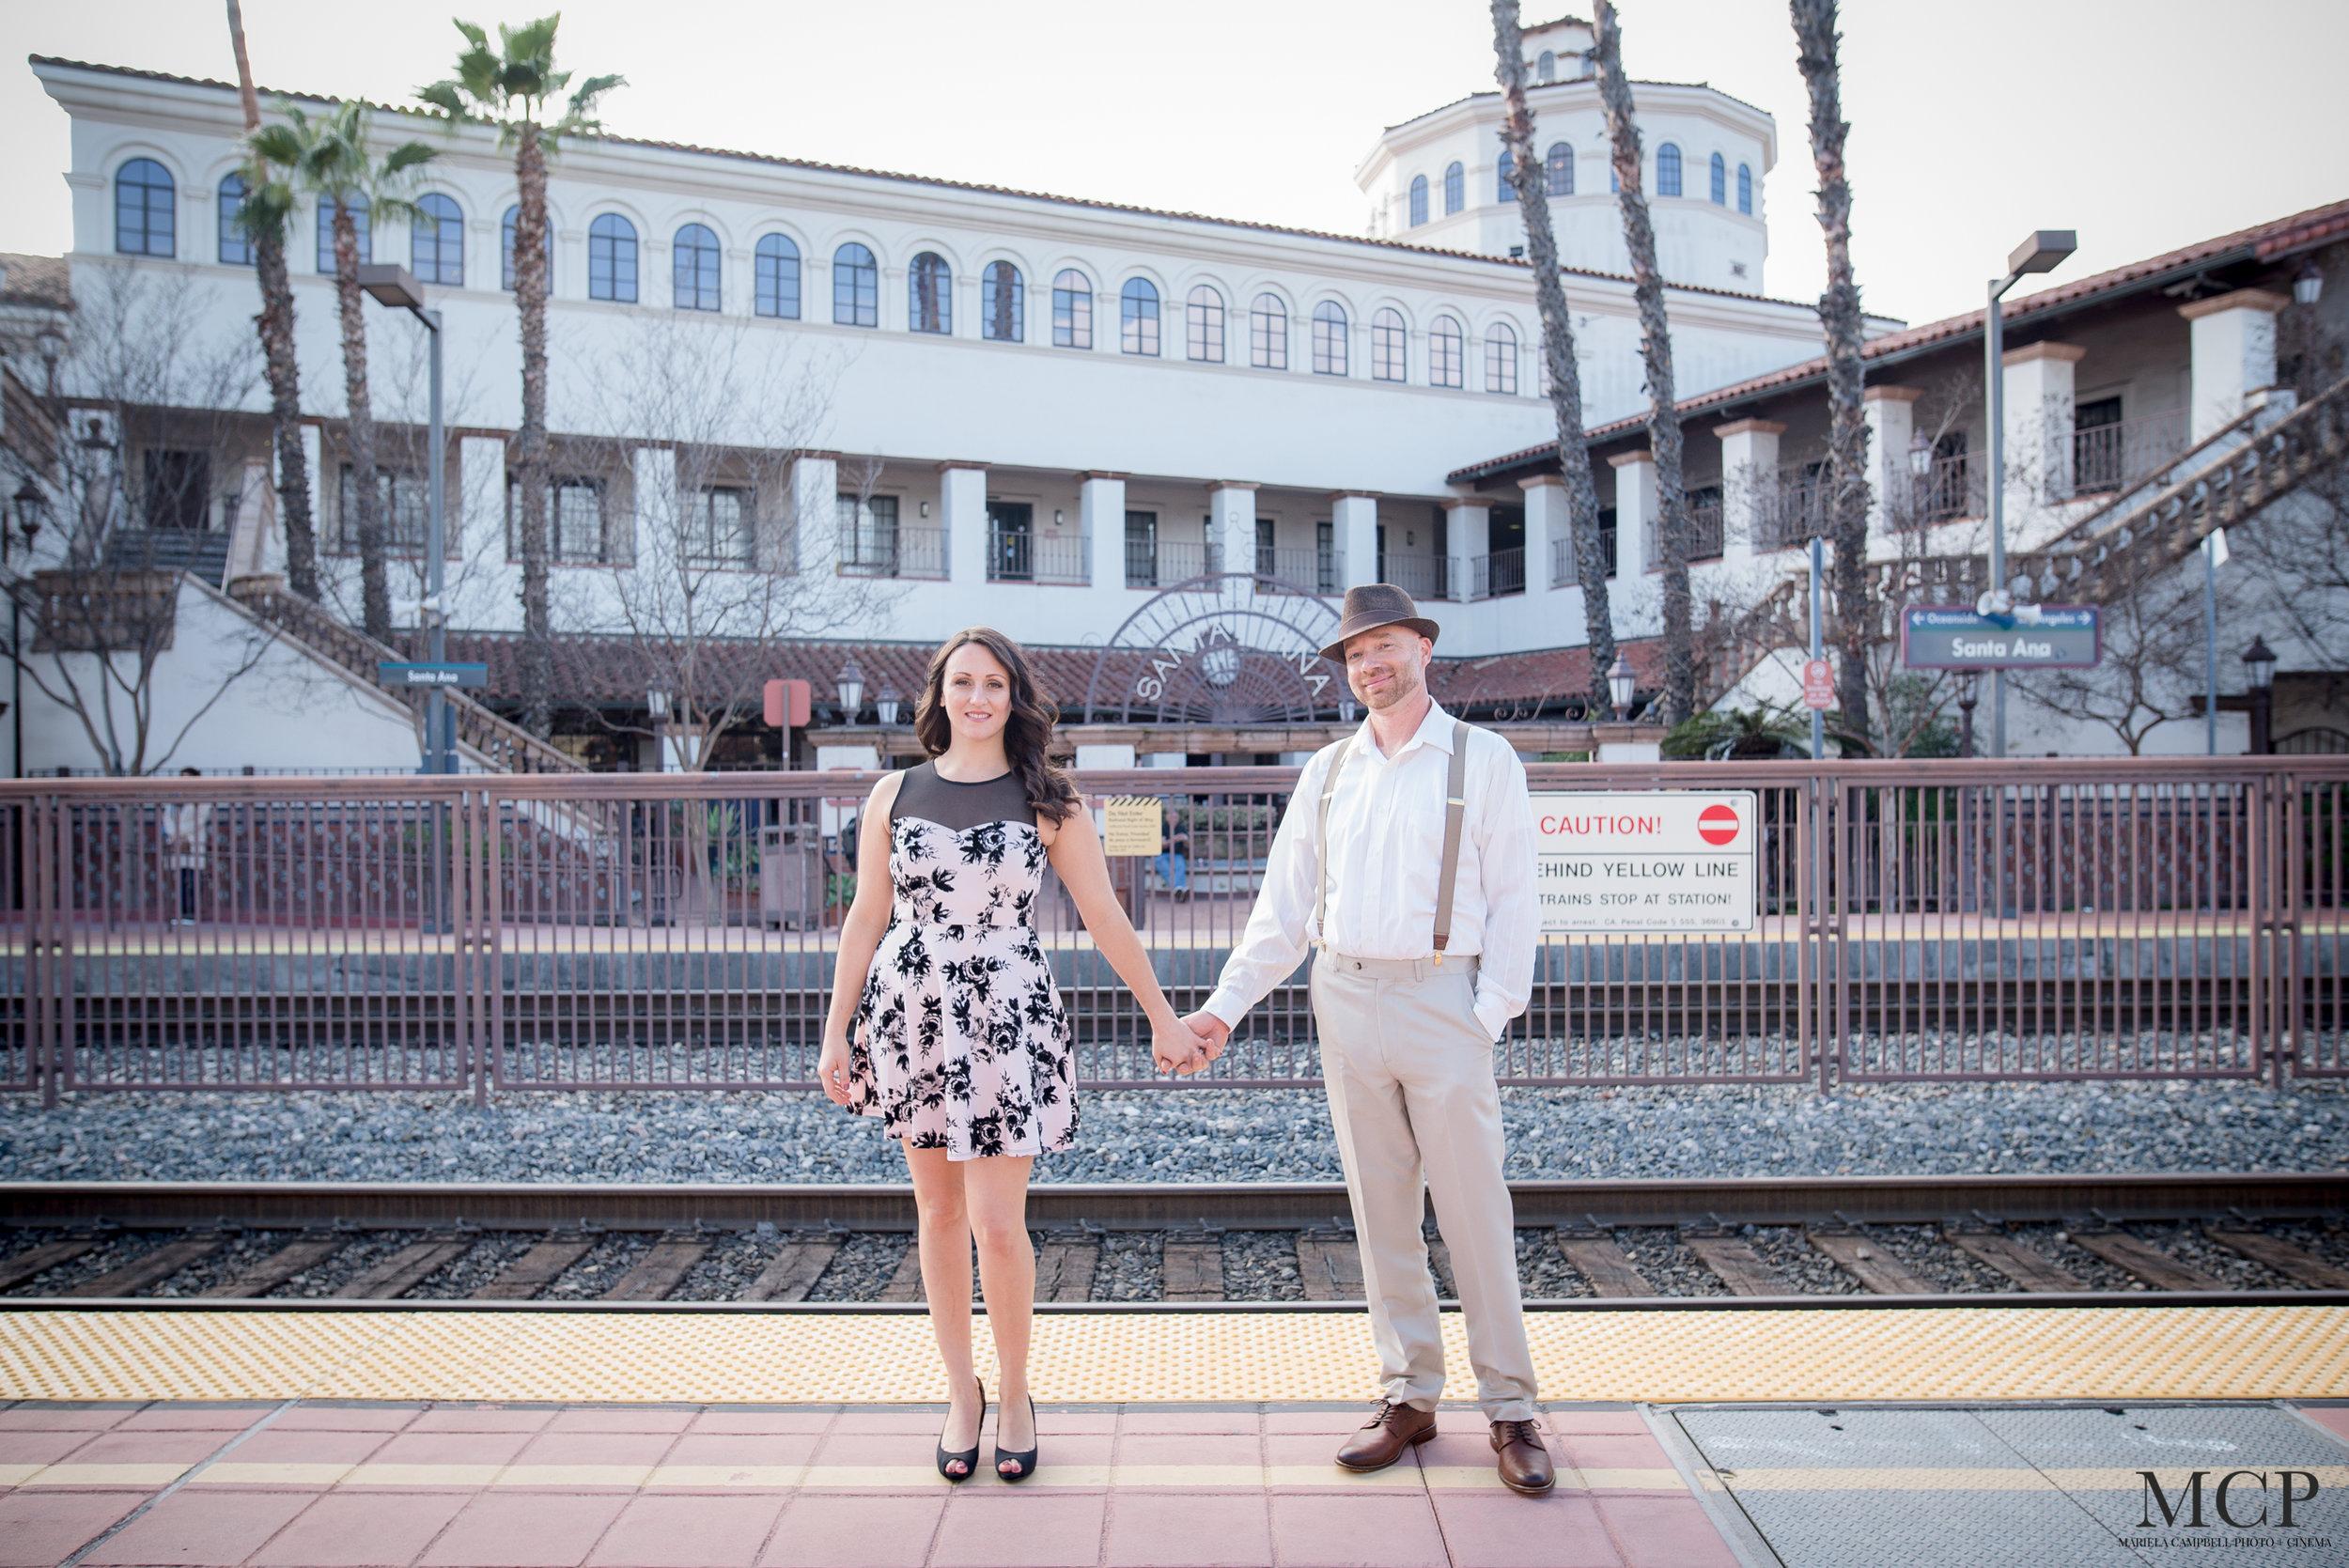 Amanda & Travis - Santa Ana Train Station - MCP-169.jpg